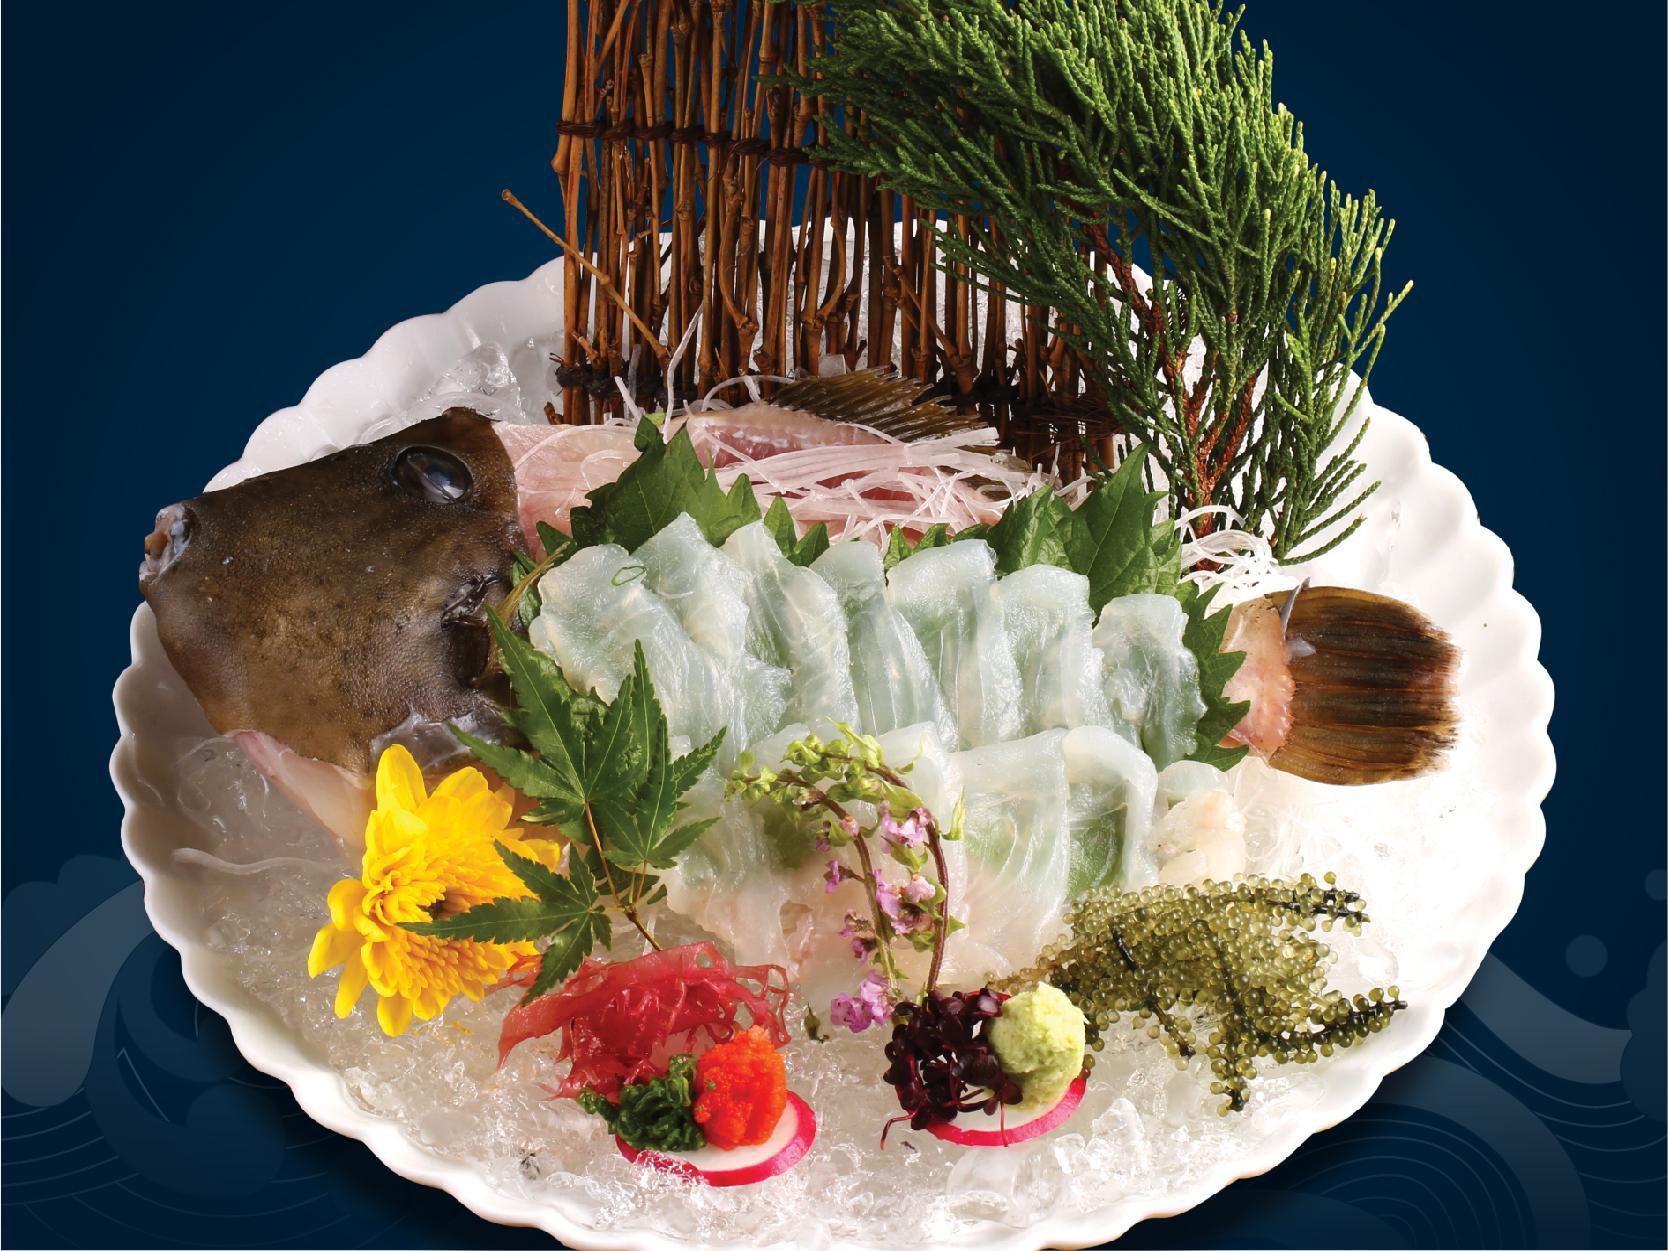 Những món ăn được yêu thích nhất vào mùa đông ở Nhật Bản - Ảnh 4.